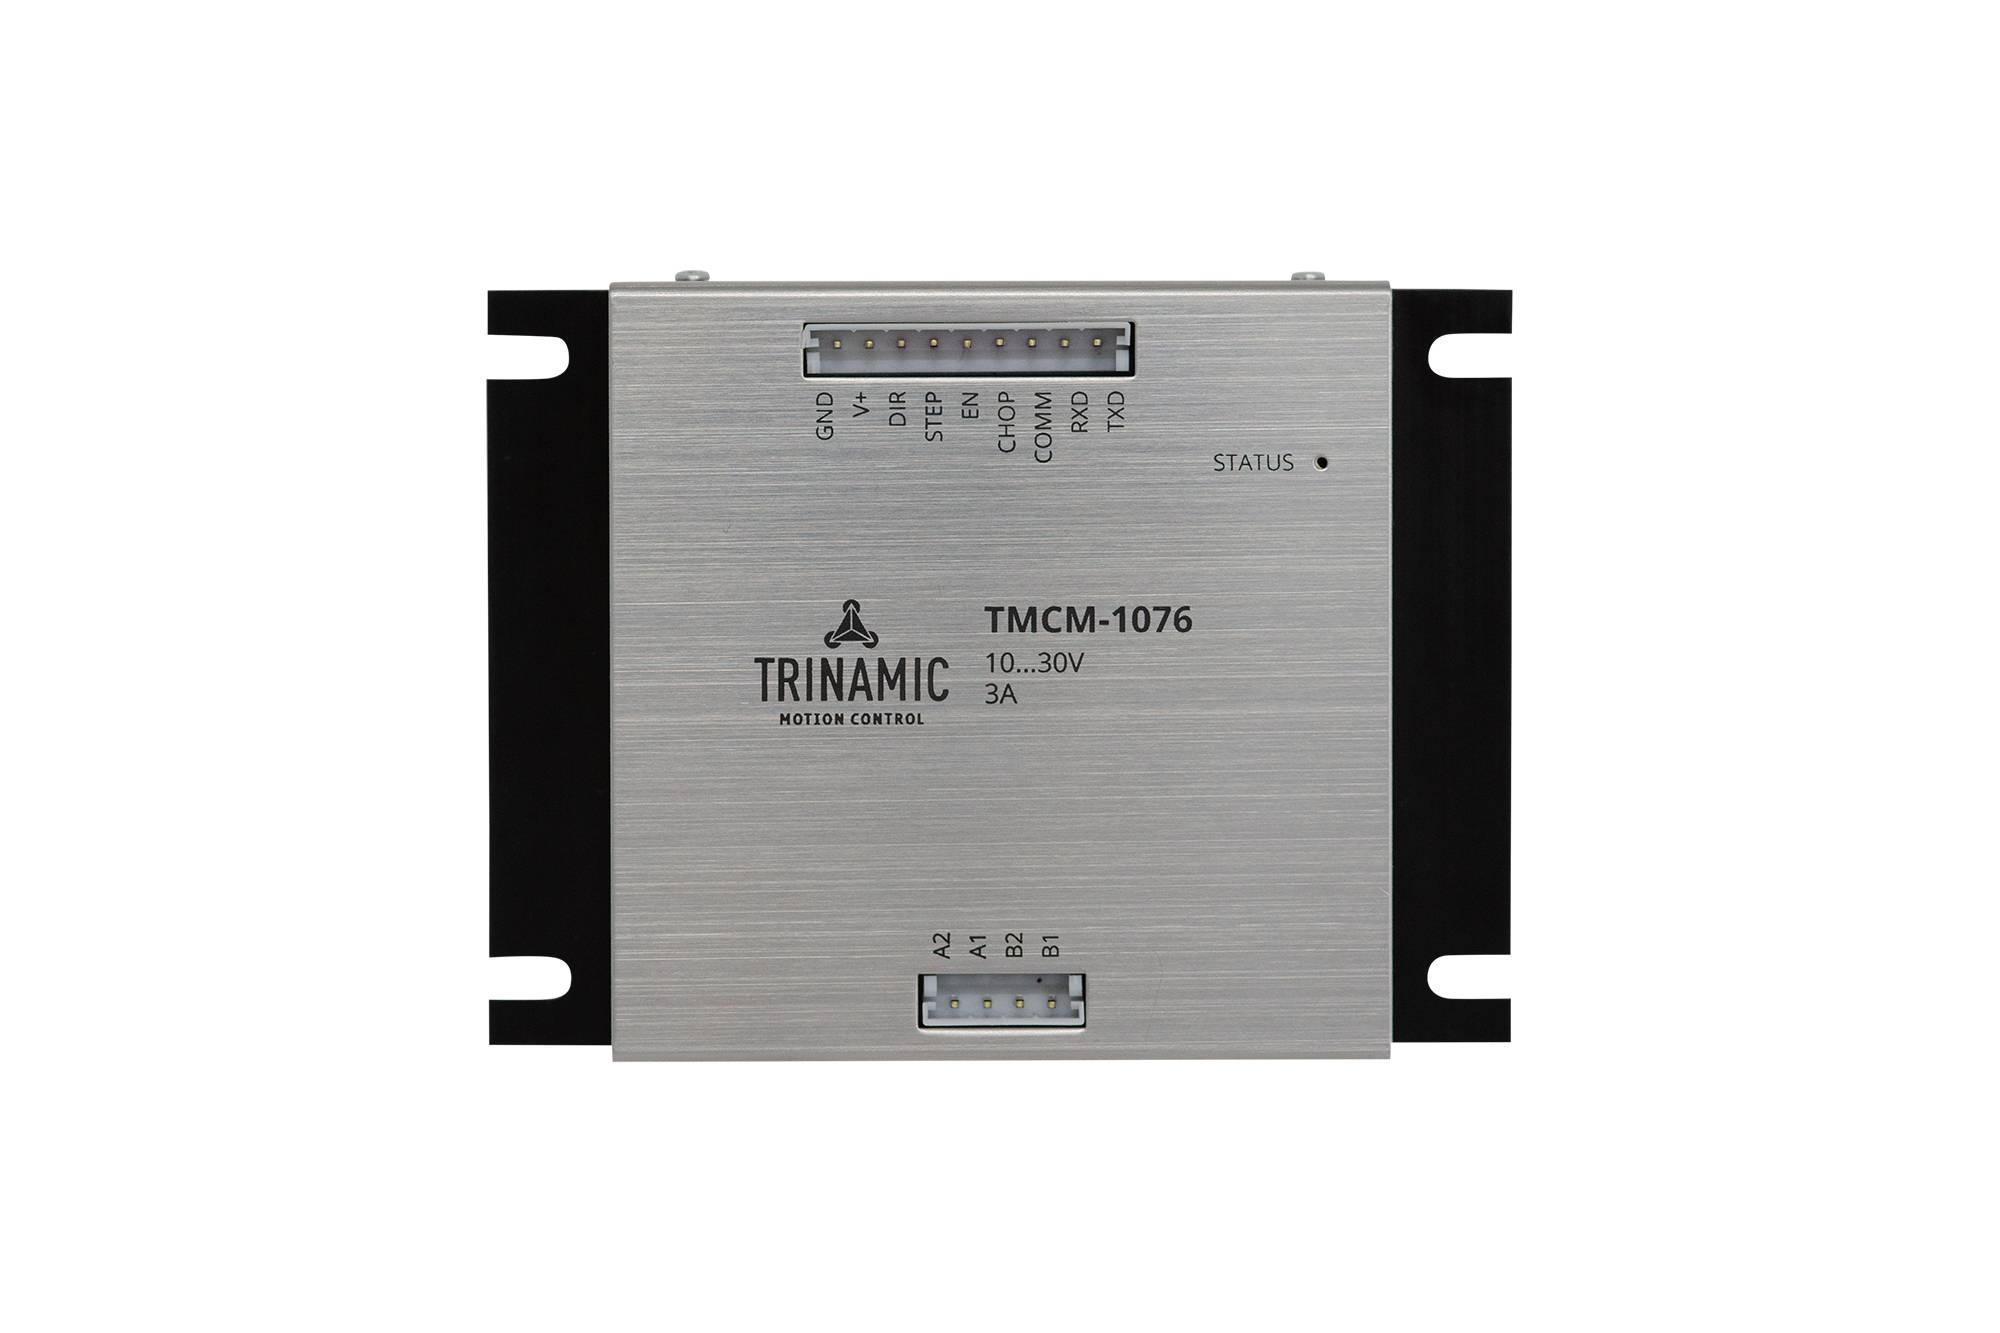 TMCM-1076